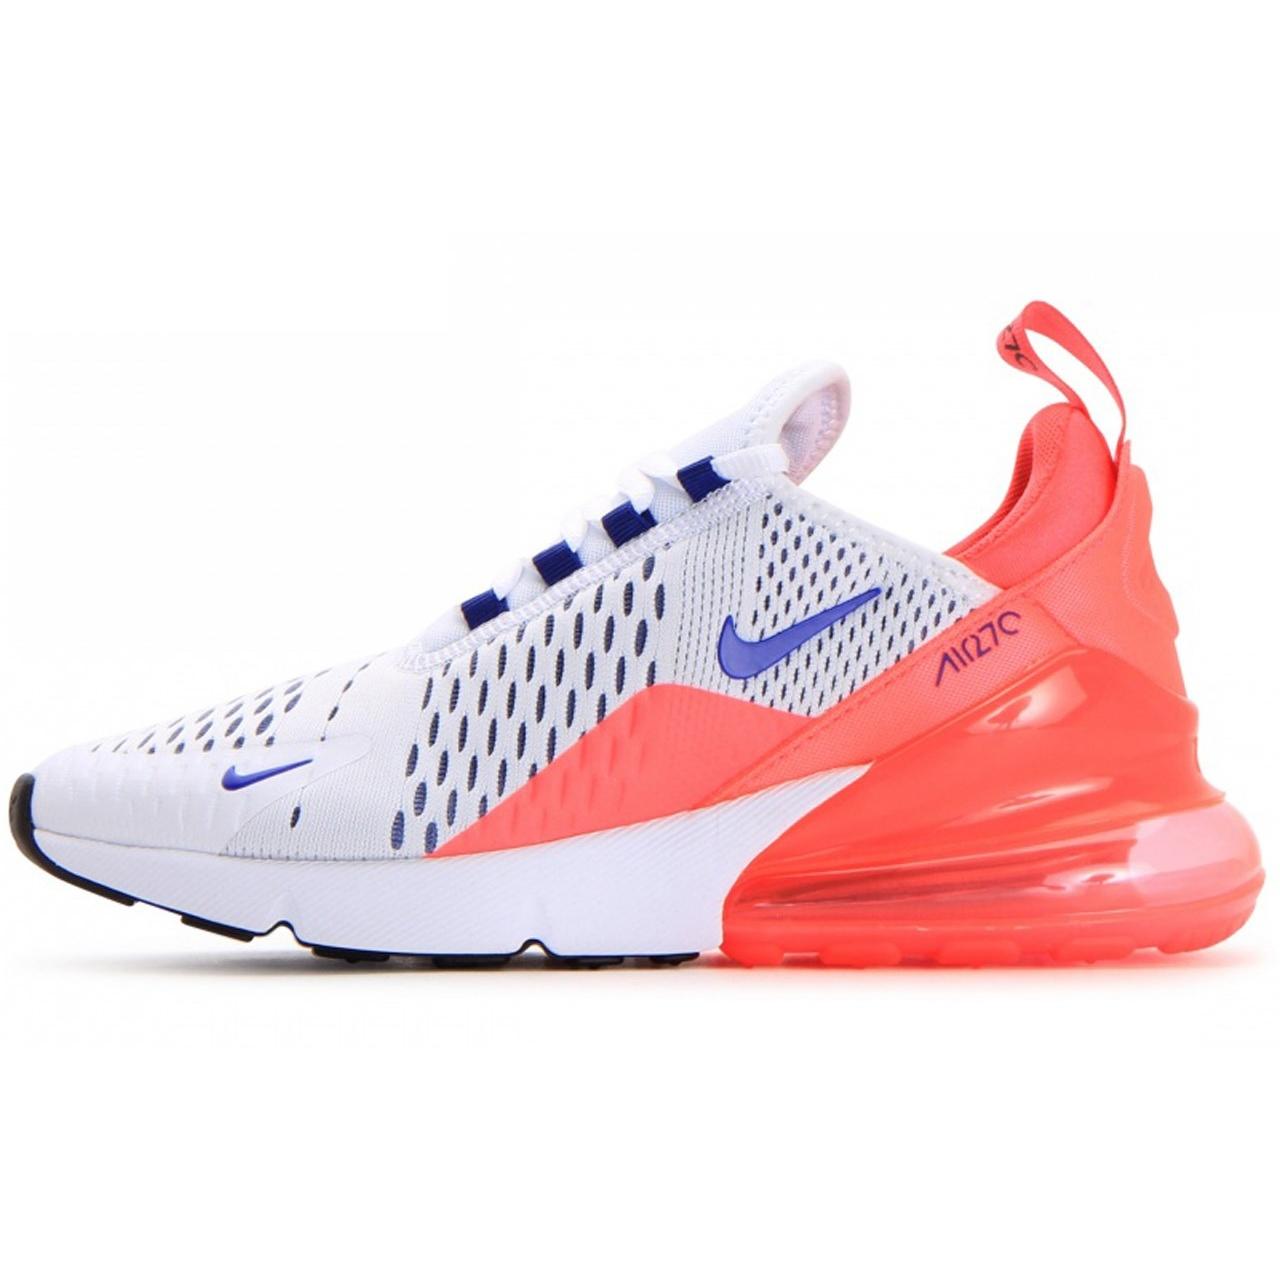 کفش ورزشی زنانه مدل Air max 270